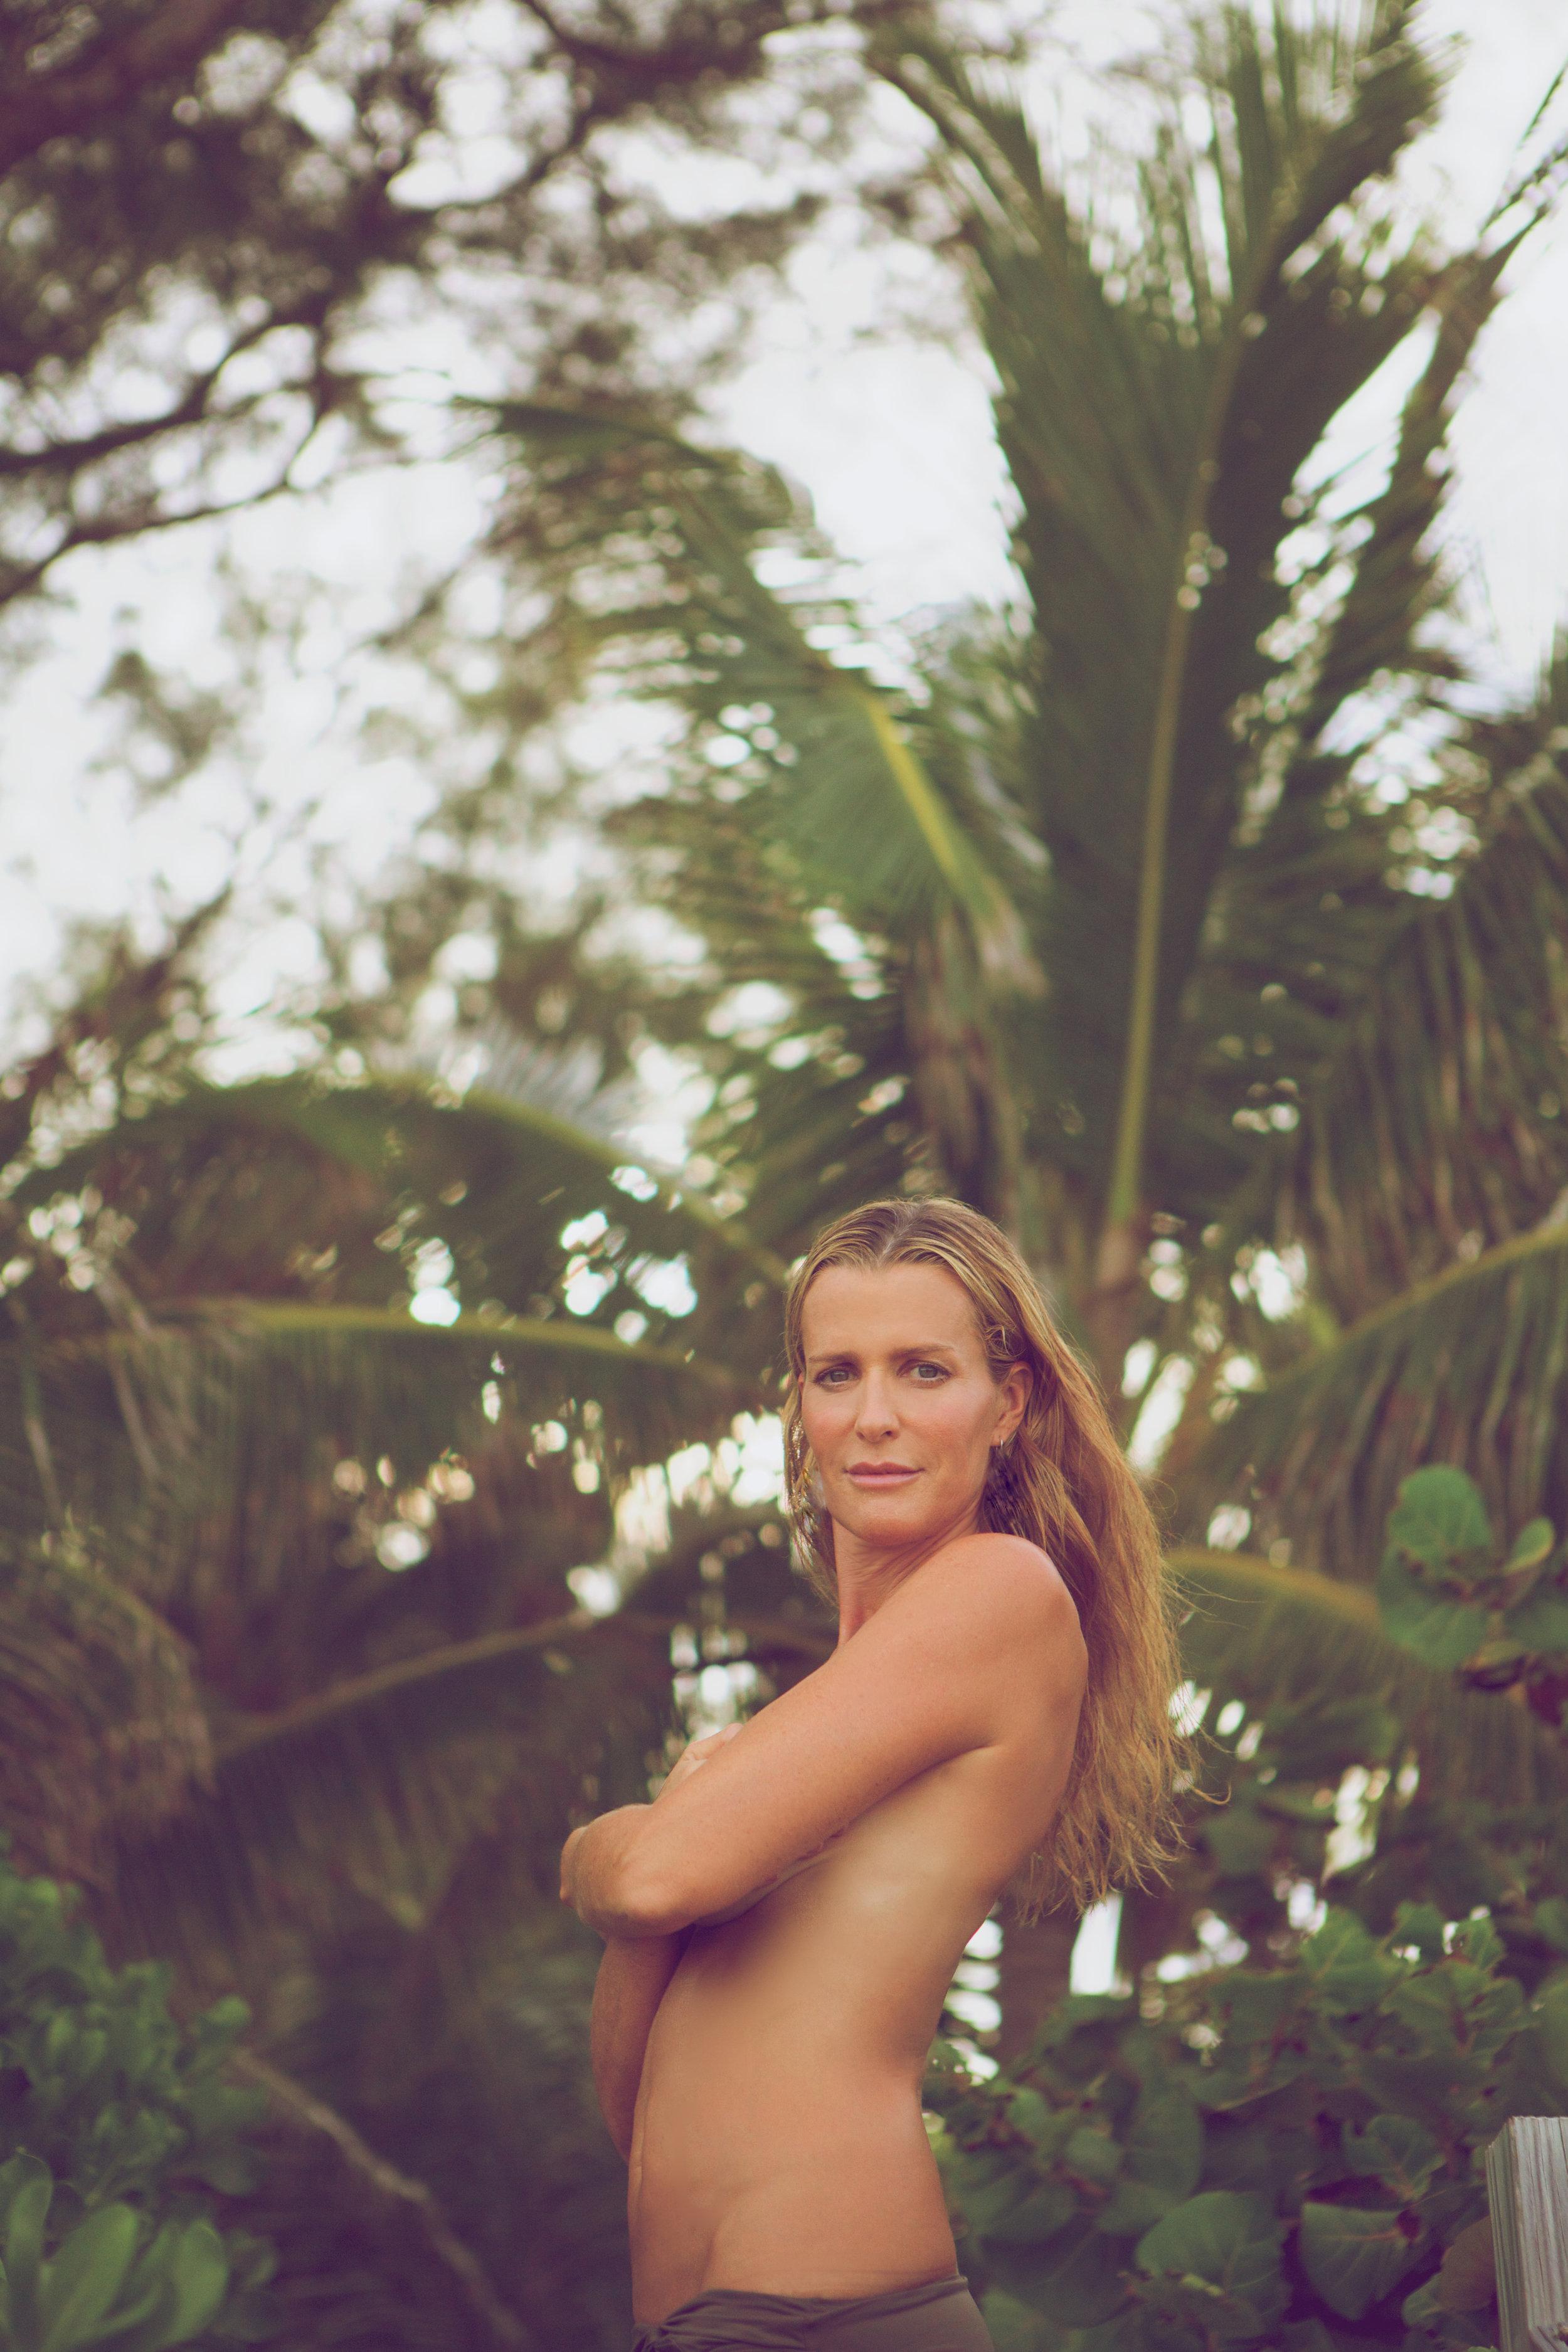 India_beach_palm.jpg